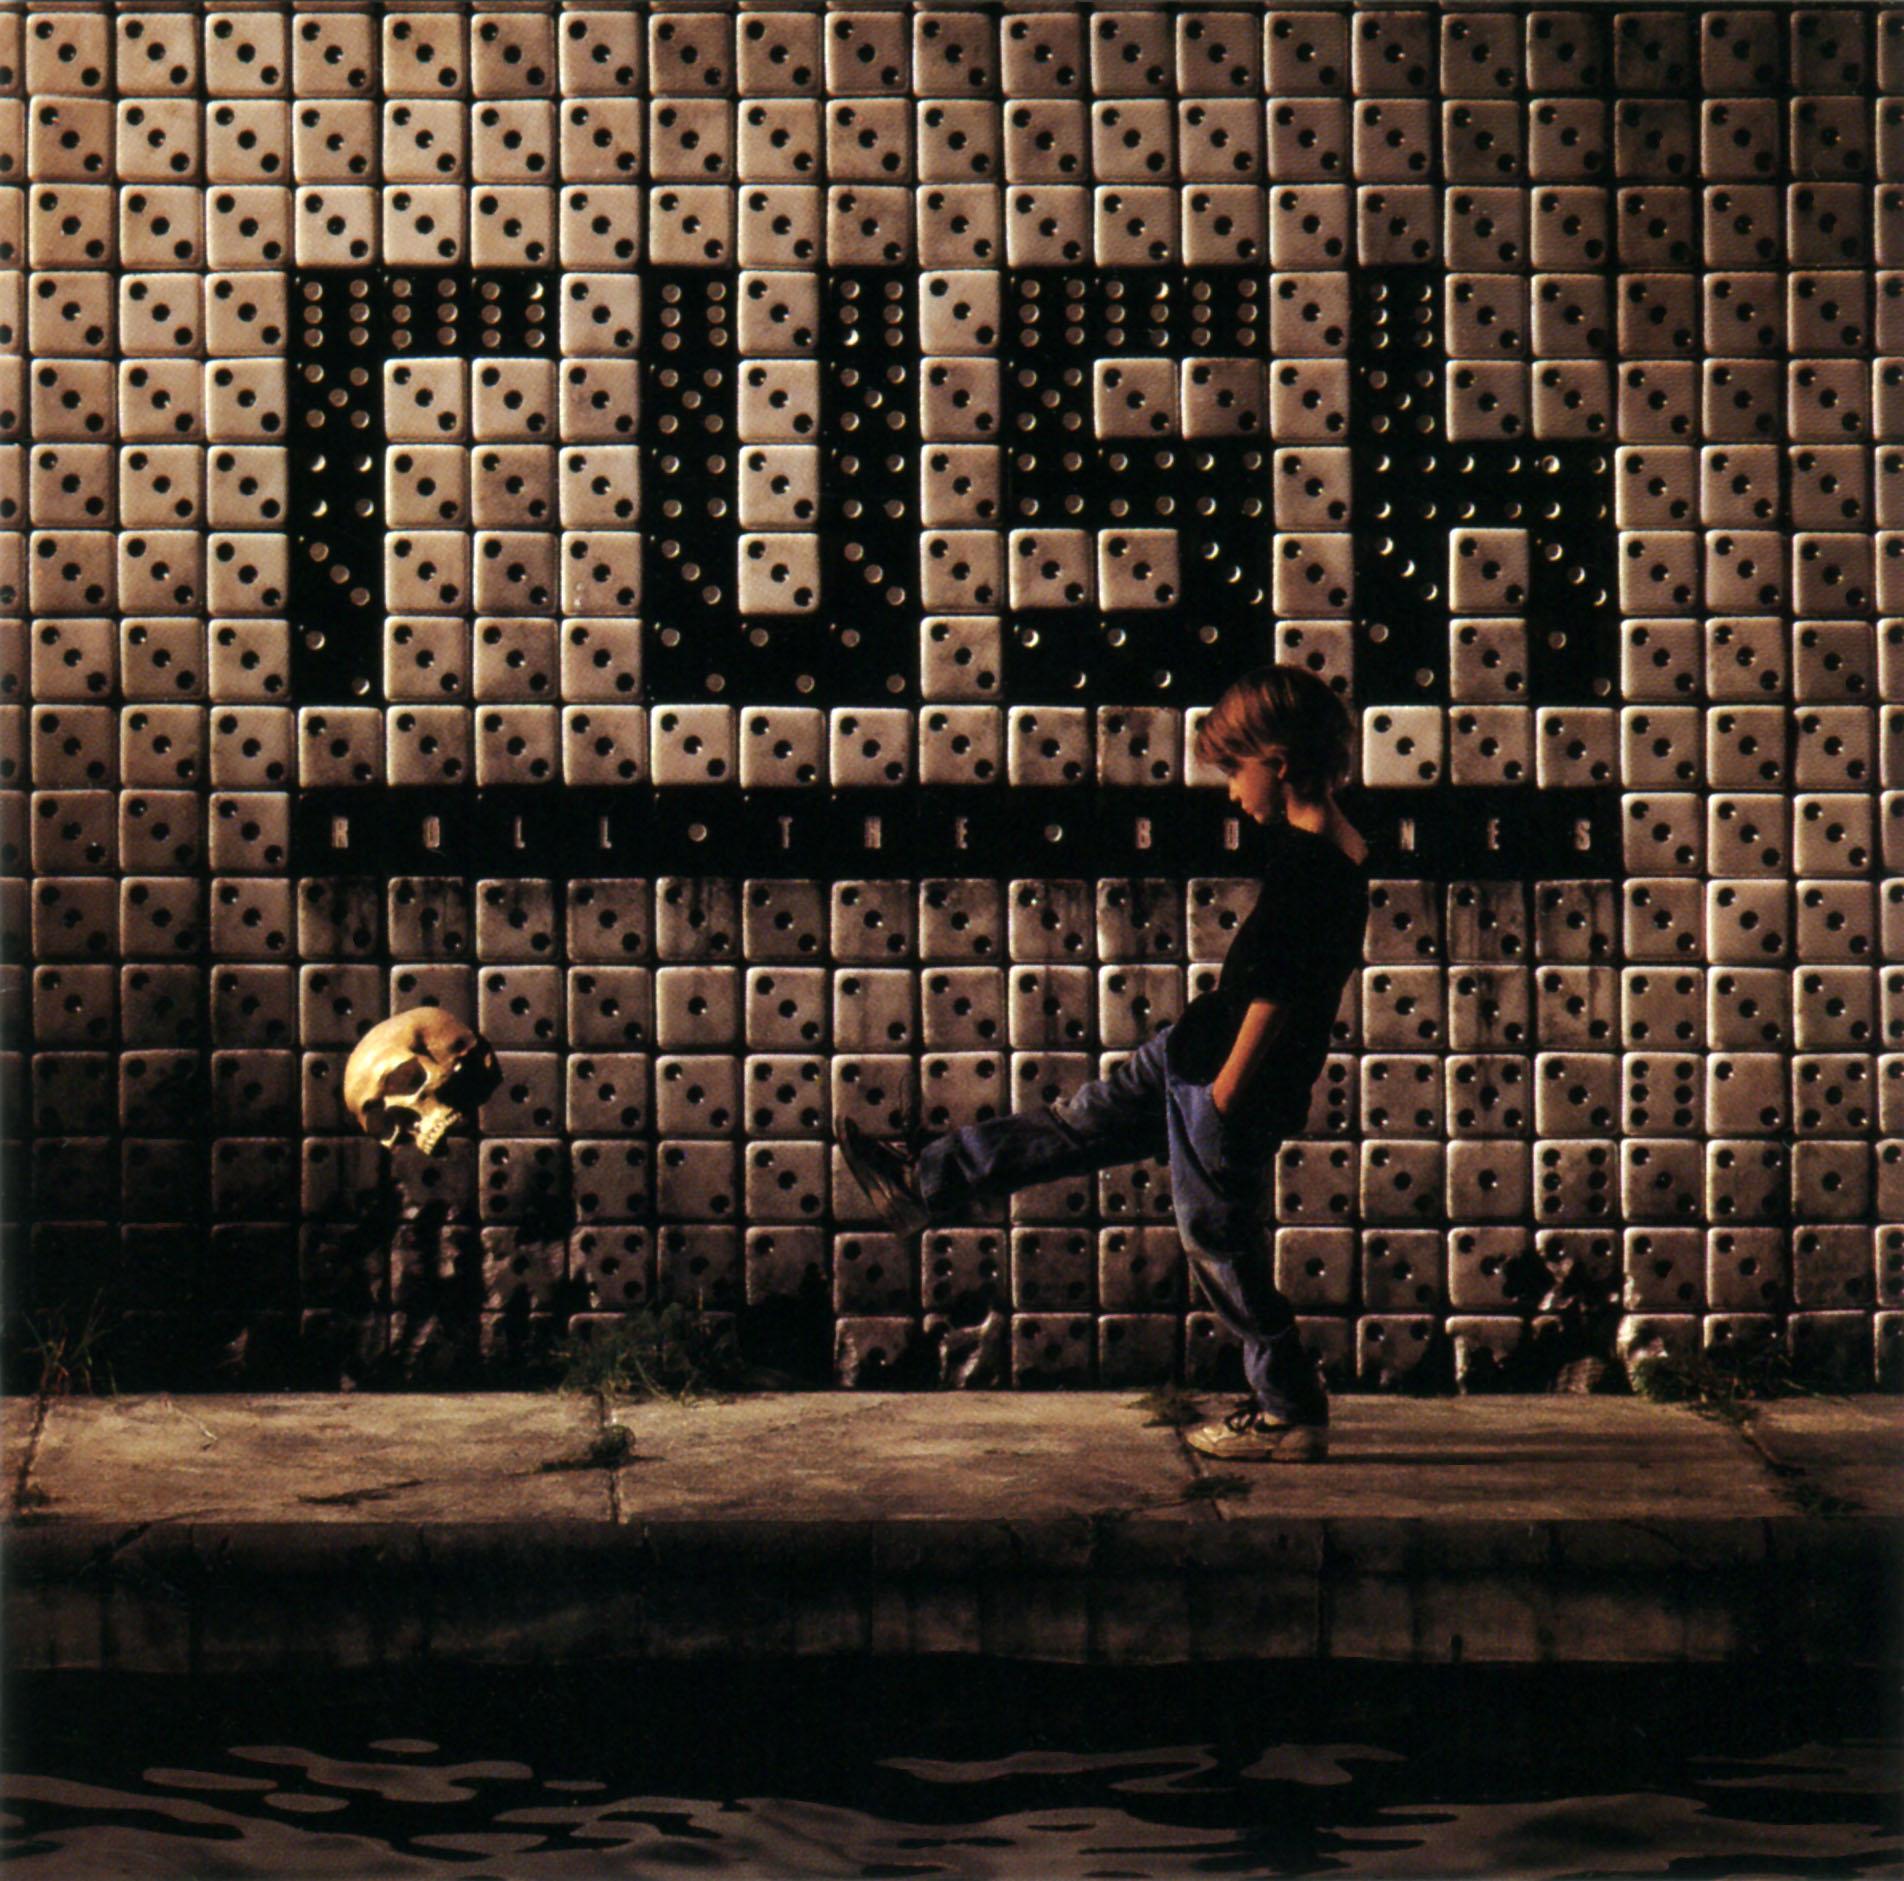 Rush 39 roll the bones 39 album review - Rush album covers ...